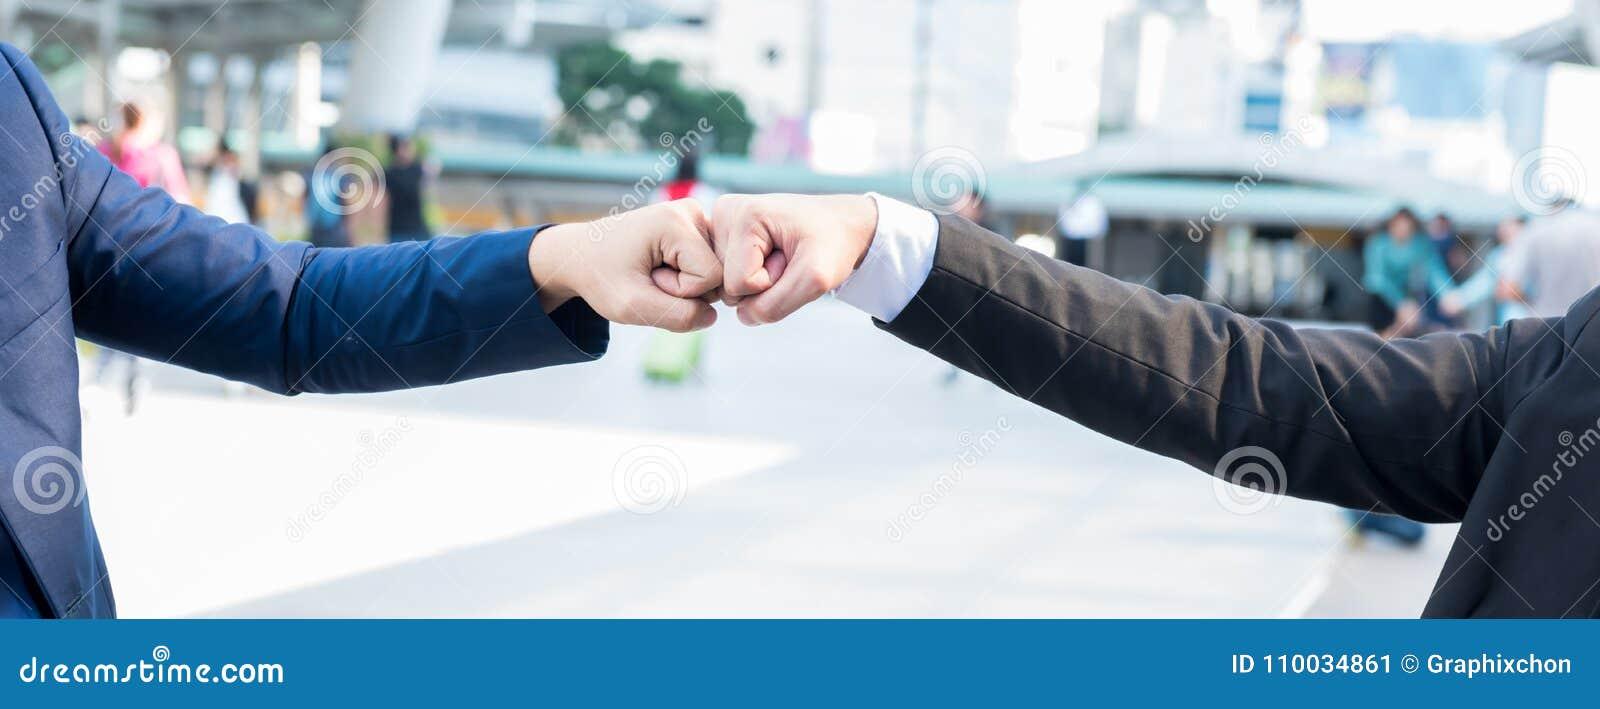 Bedrijfshanddruk en groepswerk